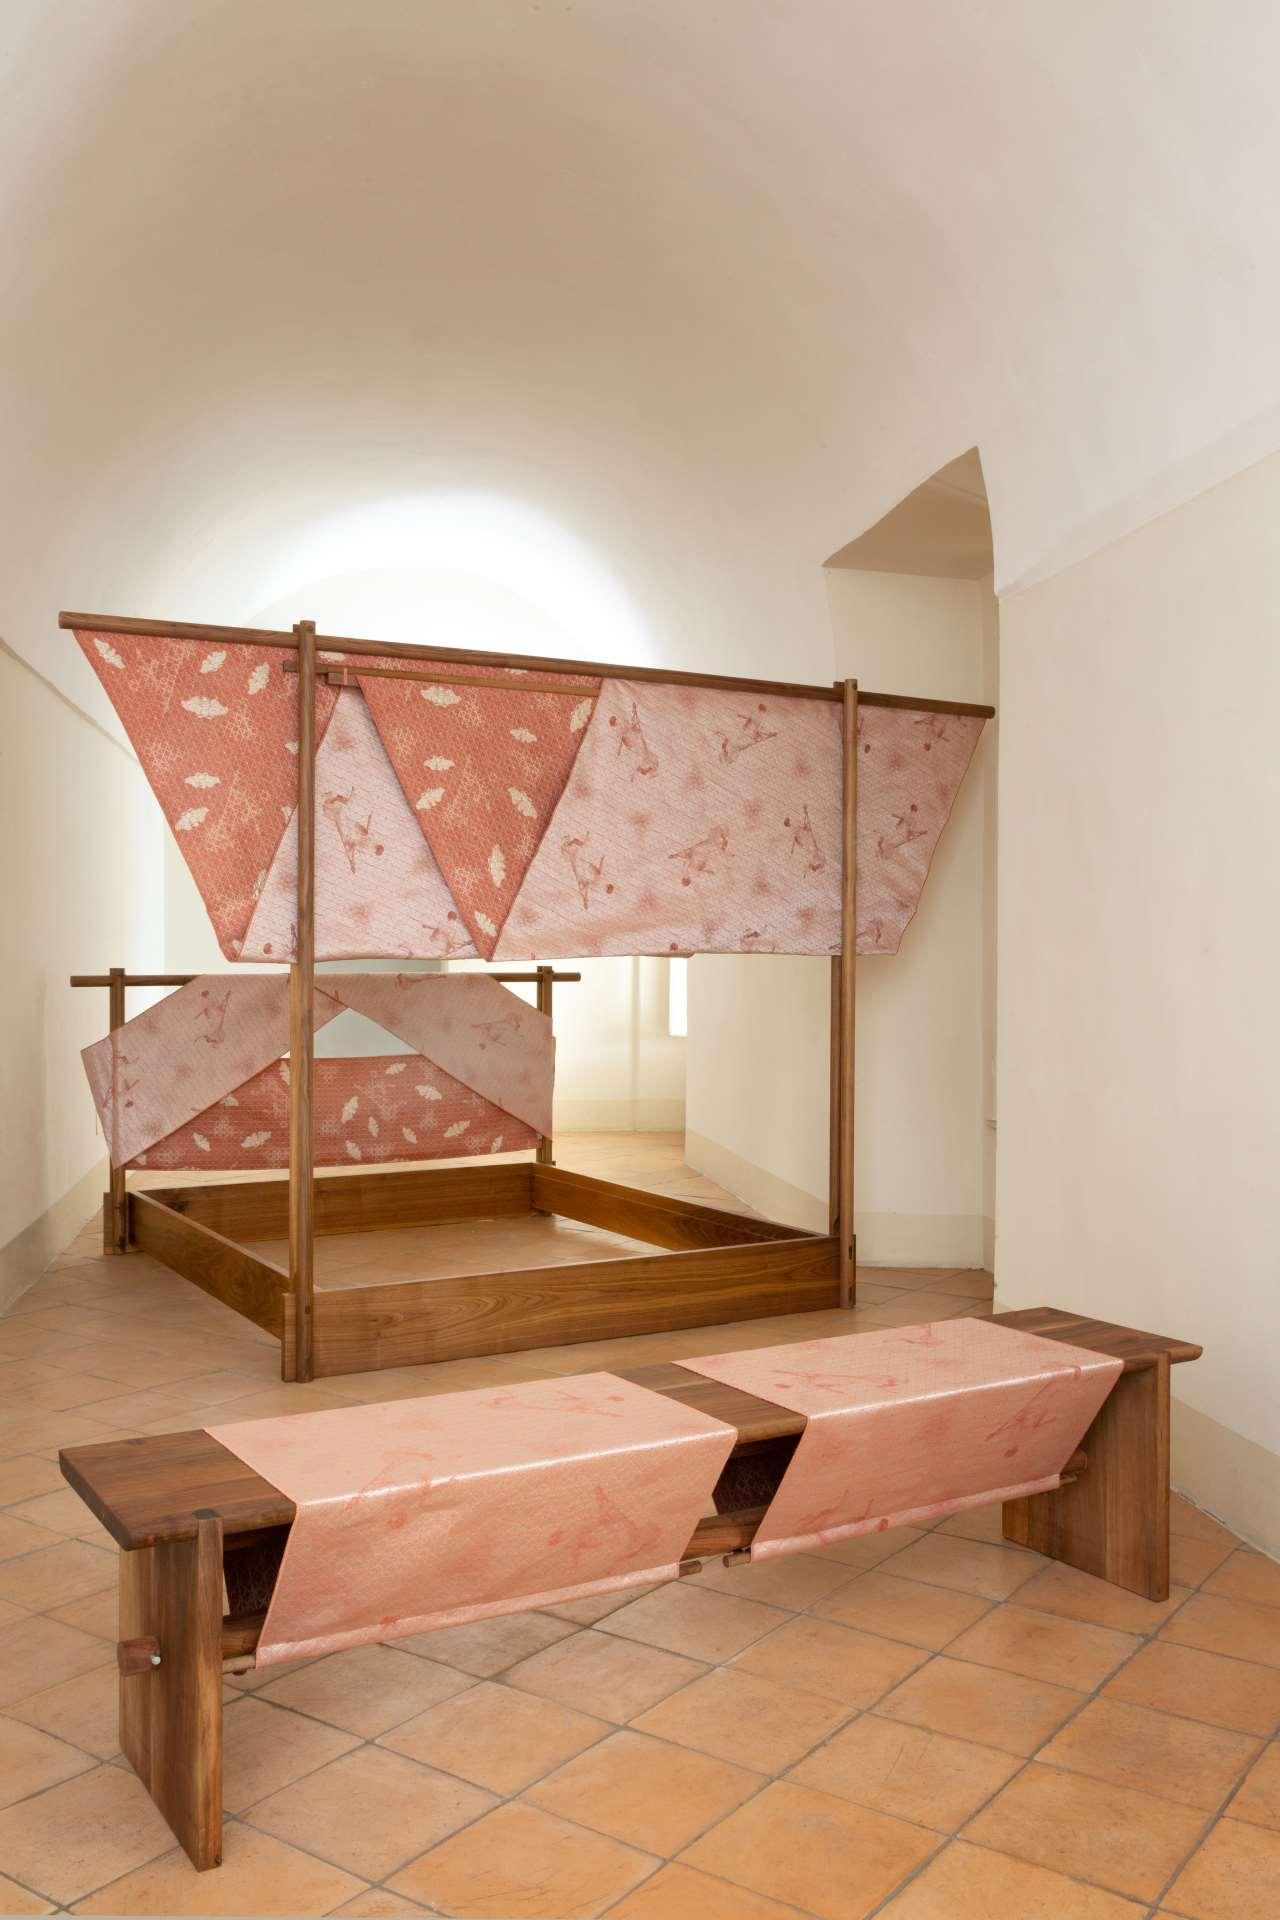 EDIT Napoli exhibition view.Faberhama x Made in EDIT. Photo© Roberto Pierucci.